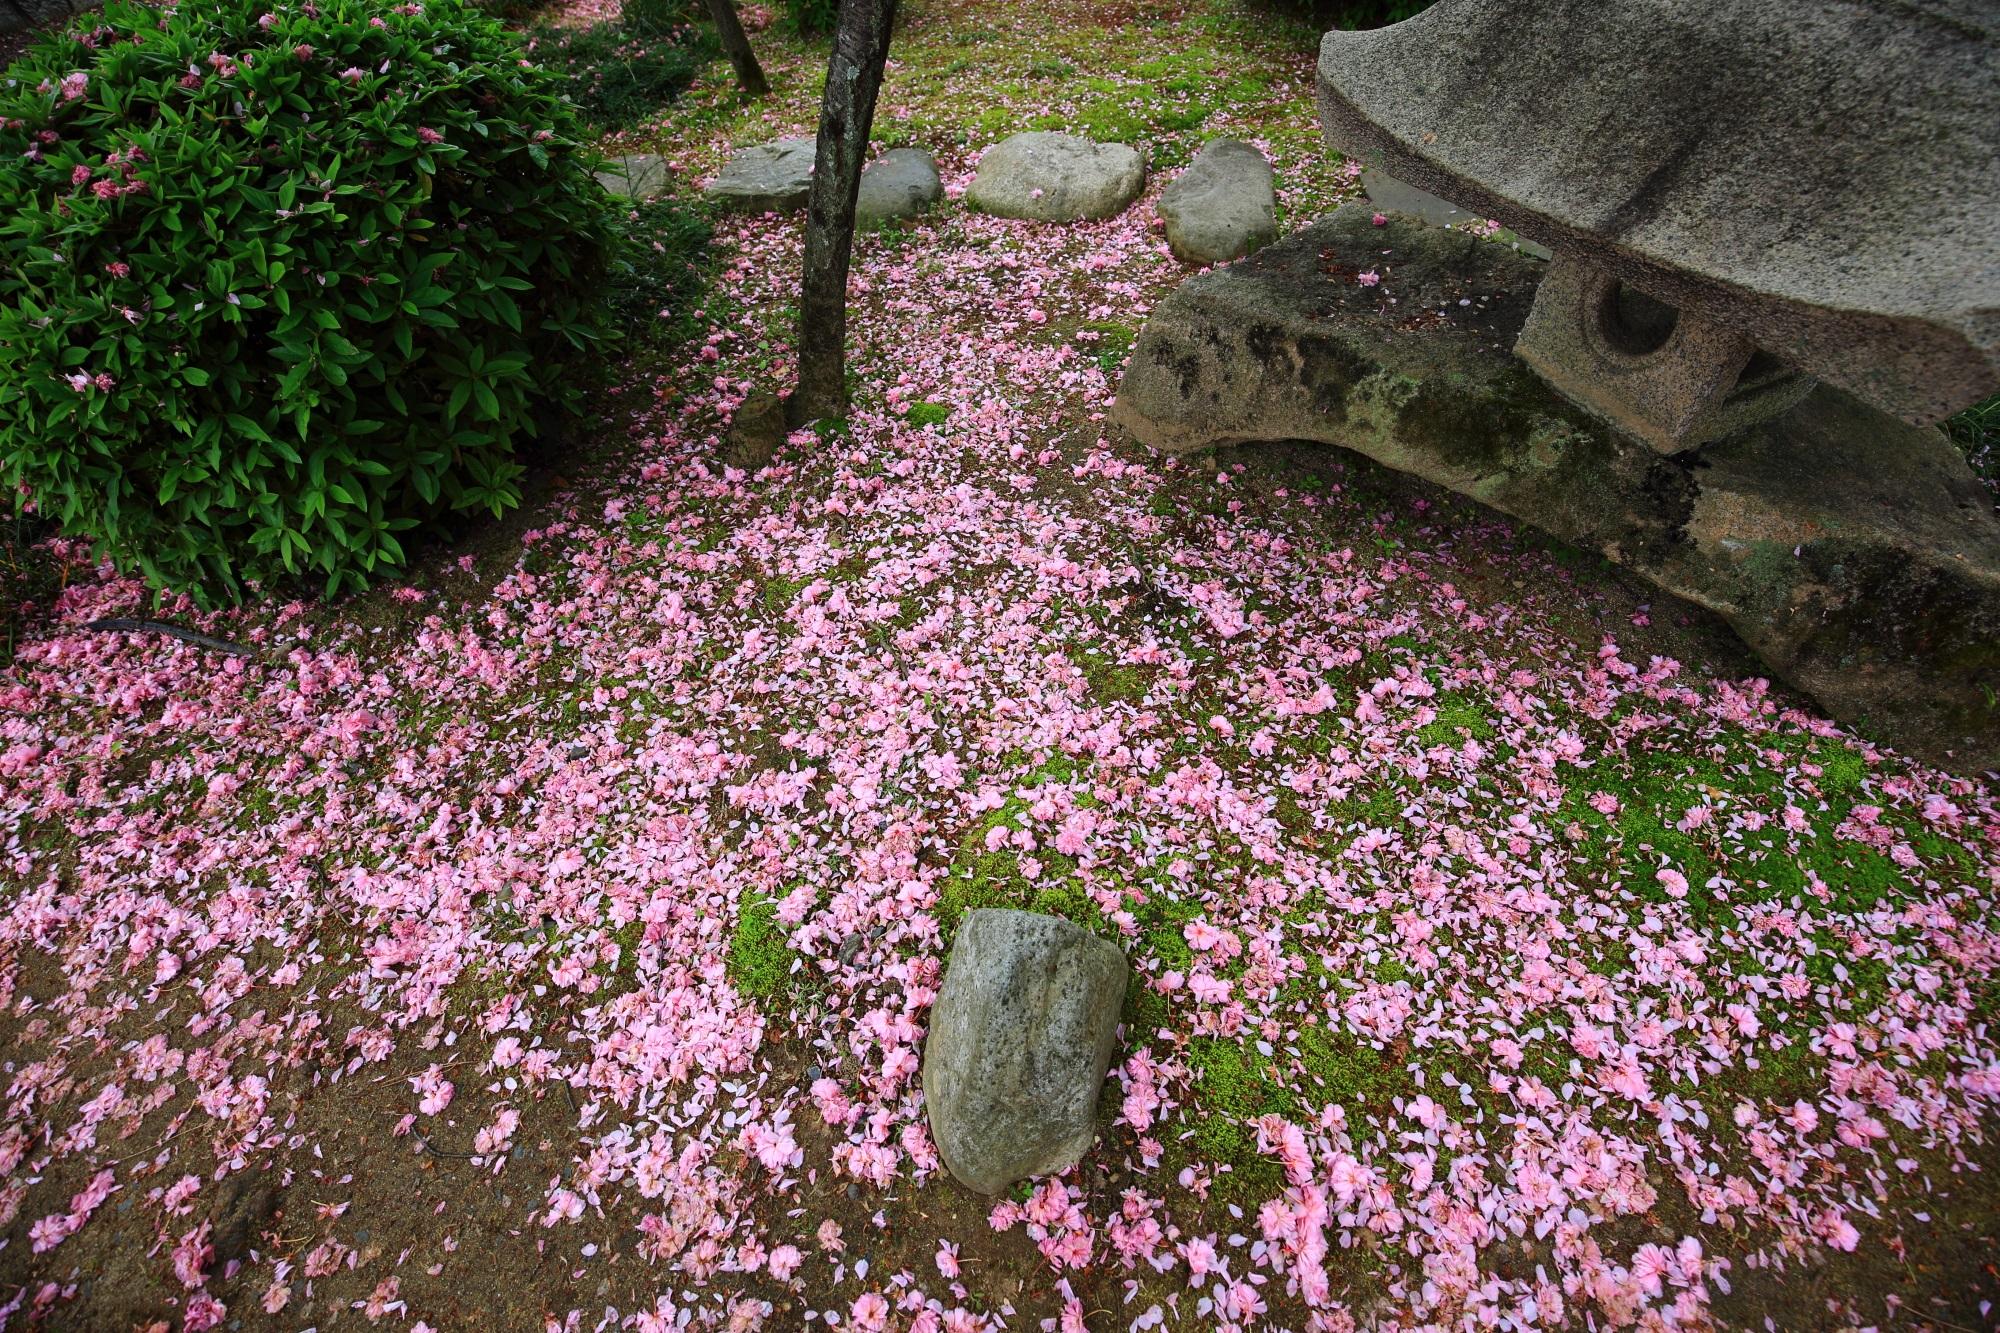 本満寺の素晴らしい散り桜